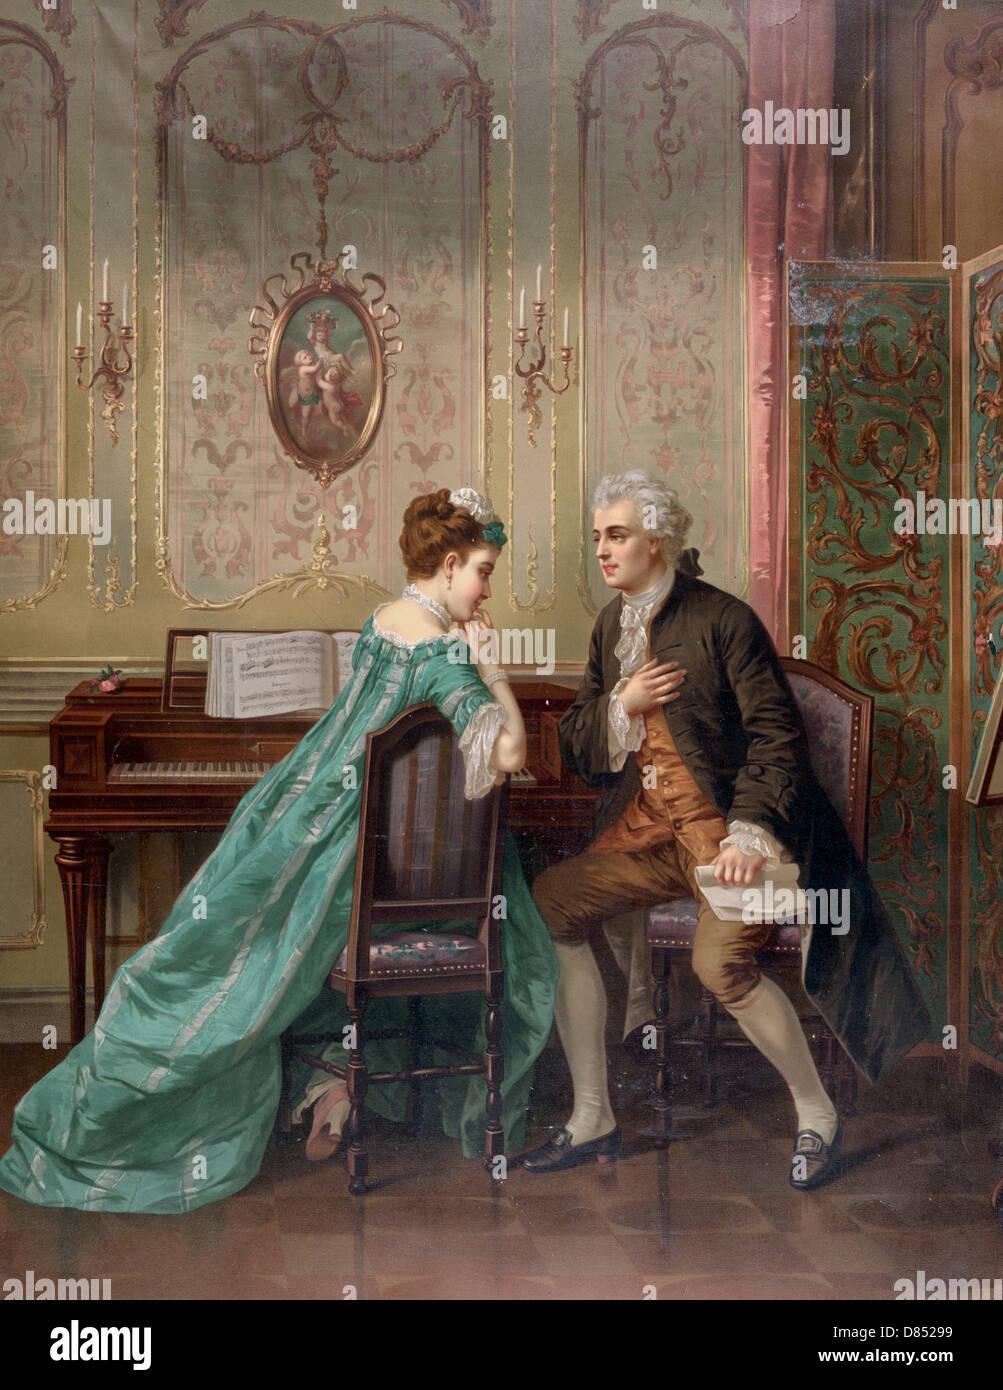 Der Vorschlag - Mann schlägt Frau sitzend am Tasteninstrument, ca. 1873 Stockbild